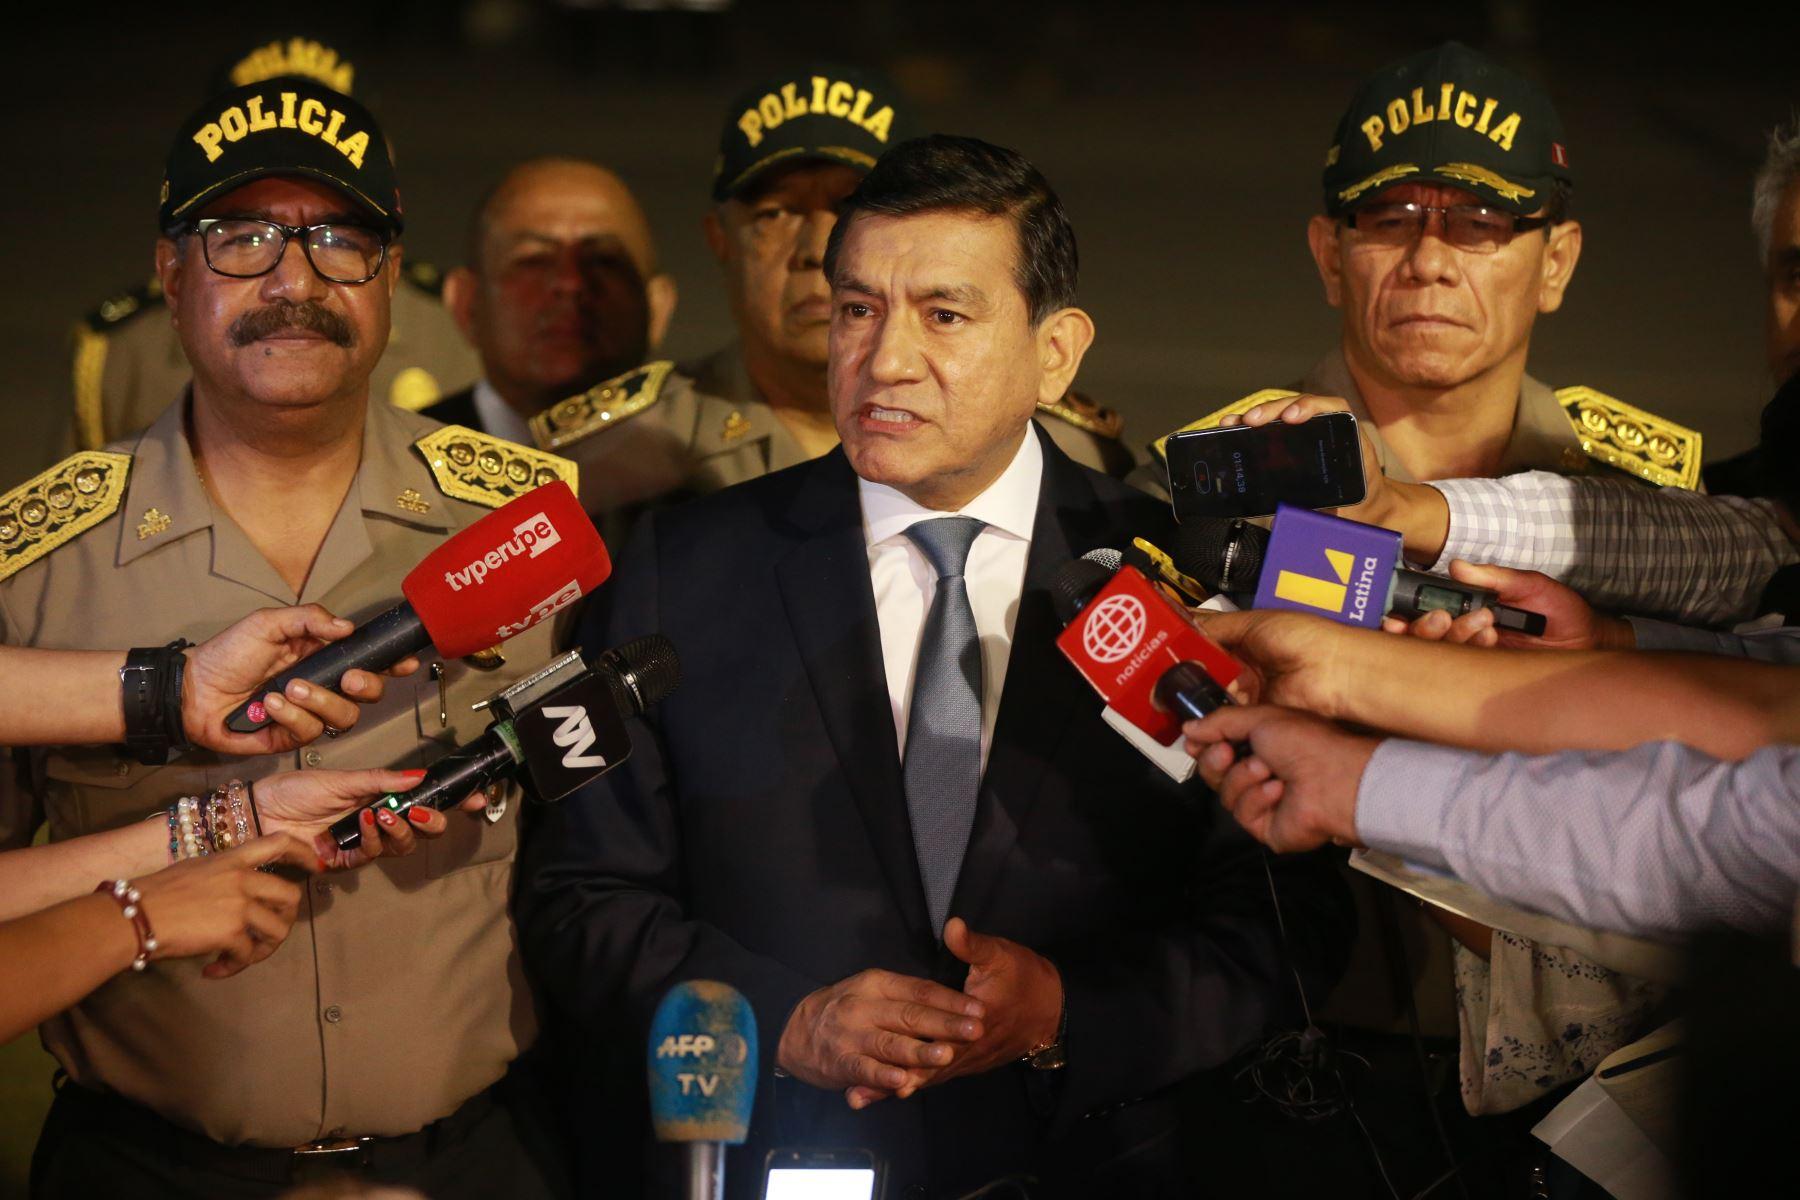 El ministro del Interior, Carlos Morán, supervisó la expulsión de 131 ciudadanos venezolanos, la mayoría de ellos implicados en el caso del hotel Rojo de Punta Negra, además de otro grupo intervenido en operativos, en la ciudad de Huancayo. Foto:ANDINA/ Jhony Laurente